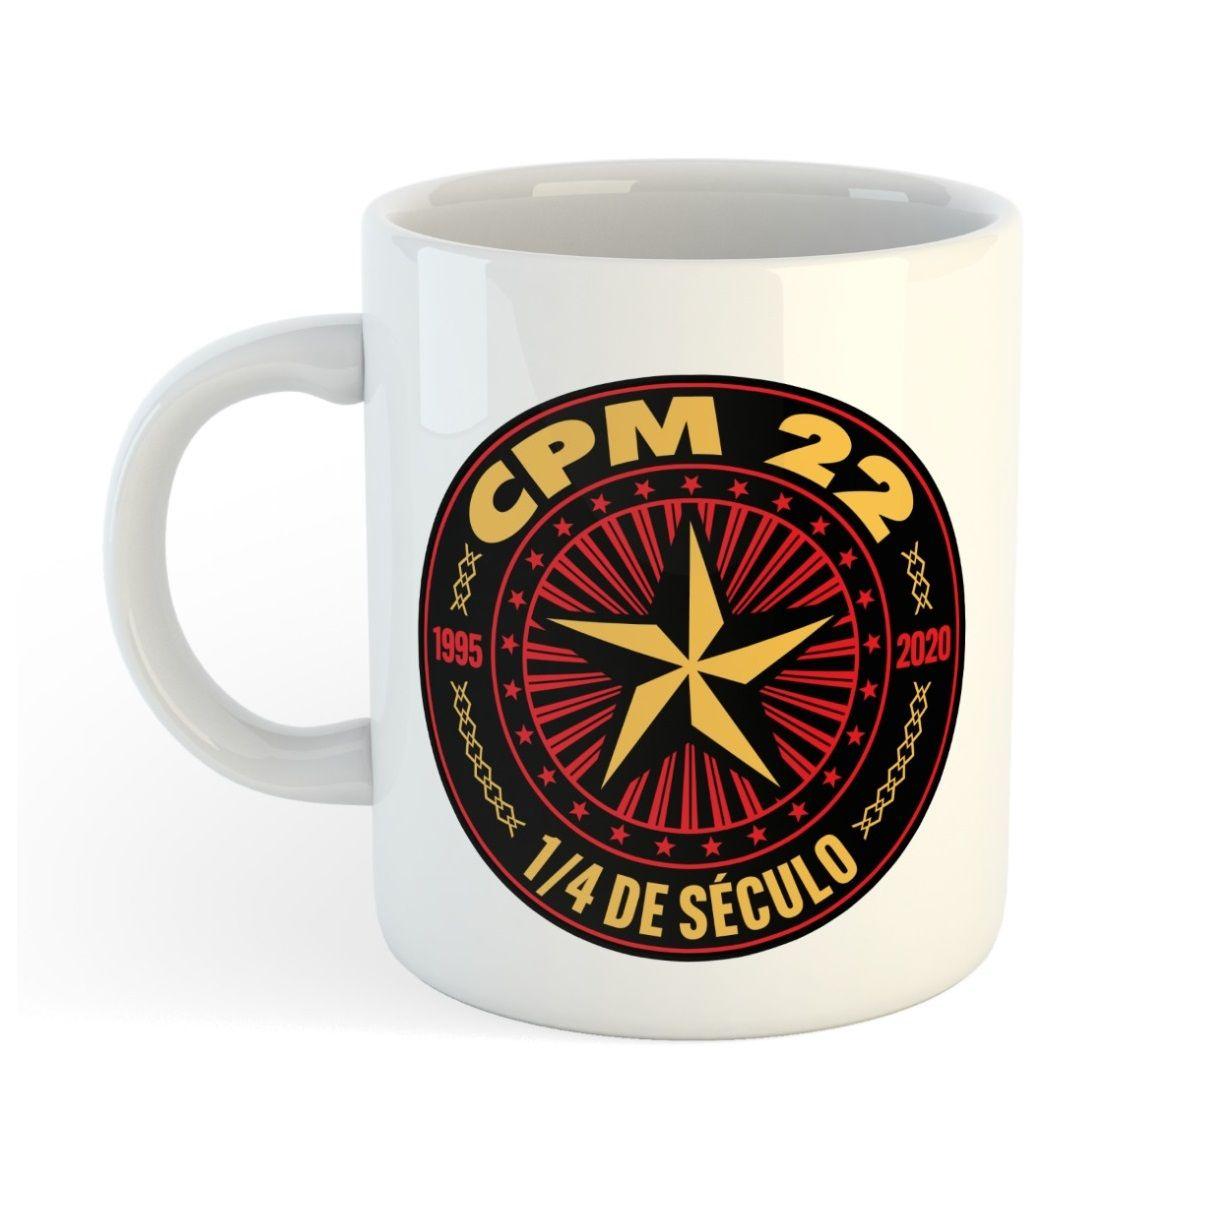 CPM 22 - 1/4 de Século [Caneca]